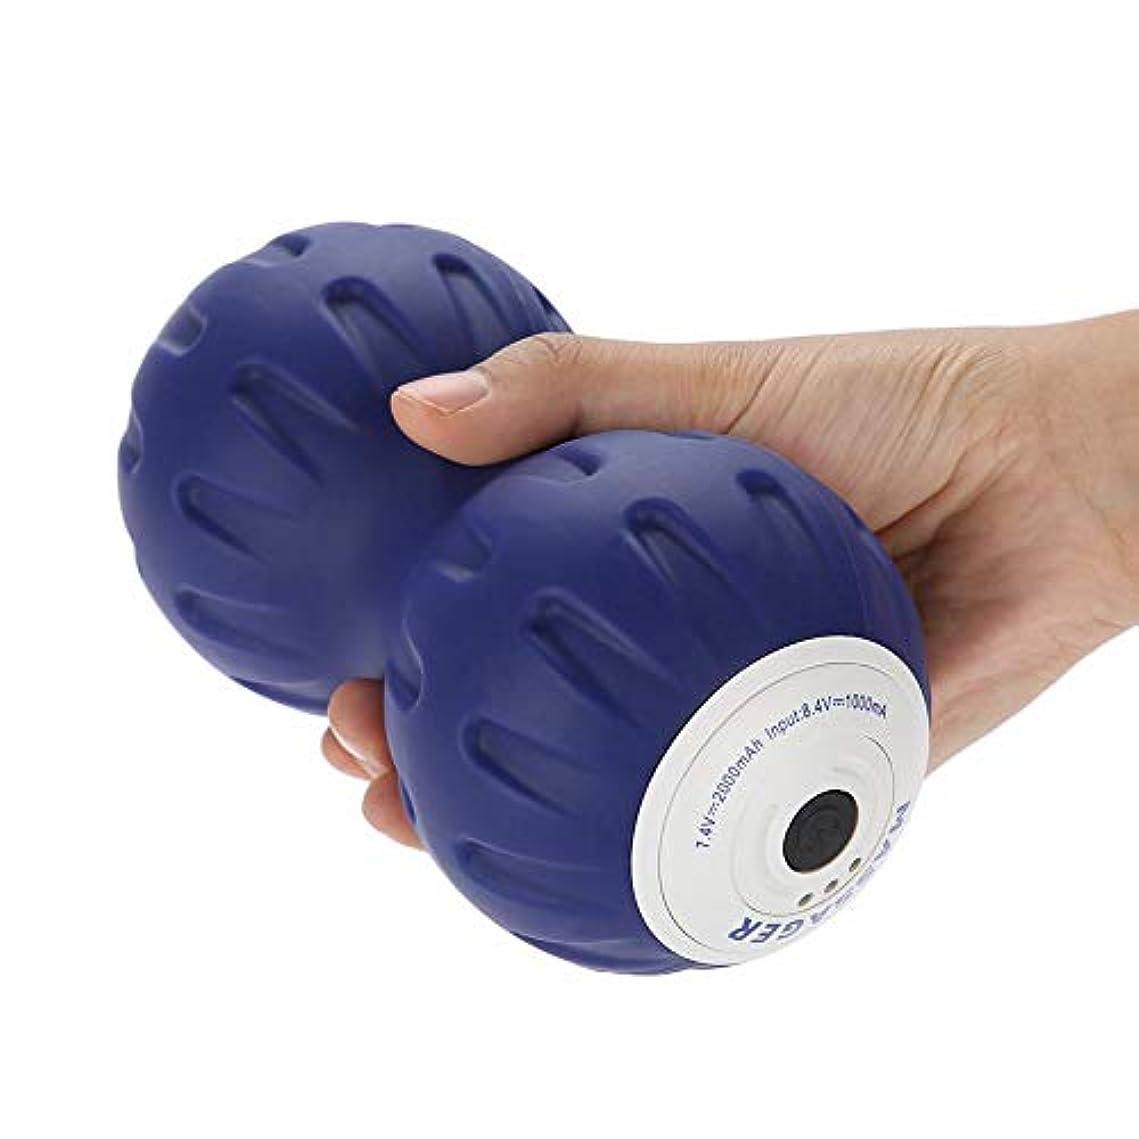 頑丈グリーンバックイノセンスピーナッツ マッサージボール 筋膜 マッサージローラー ピラティスヨガ枕筋肉 リラックスリリース フィットネス(02)